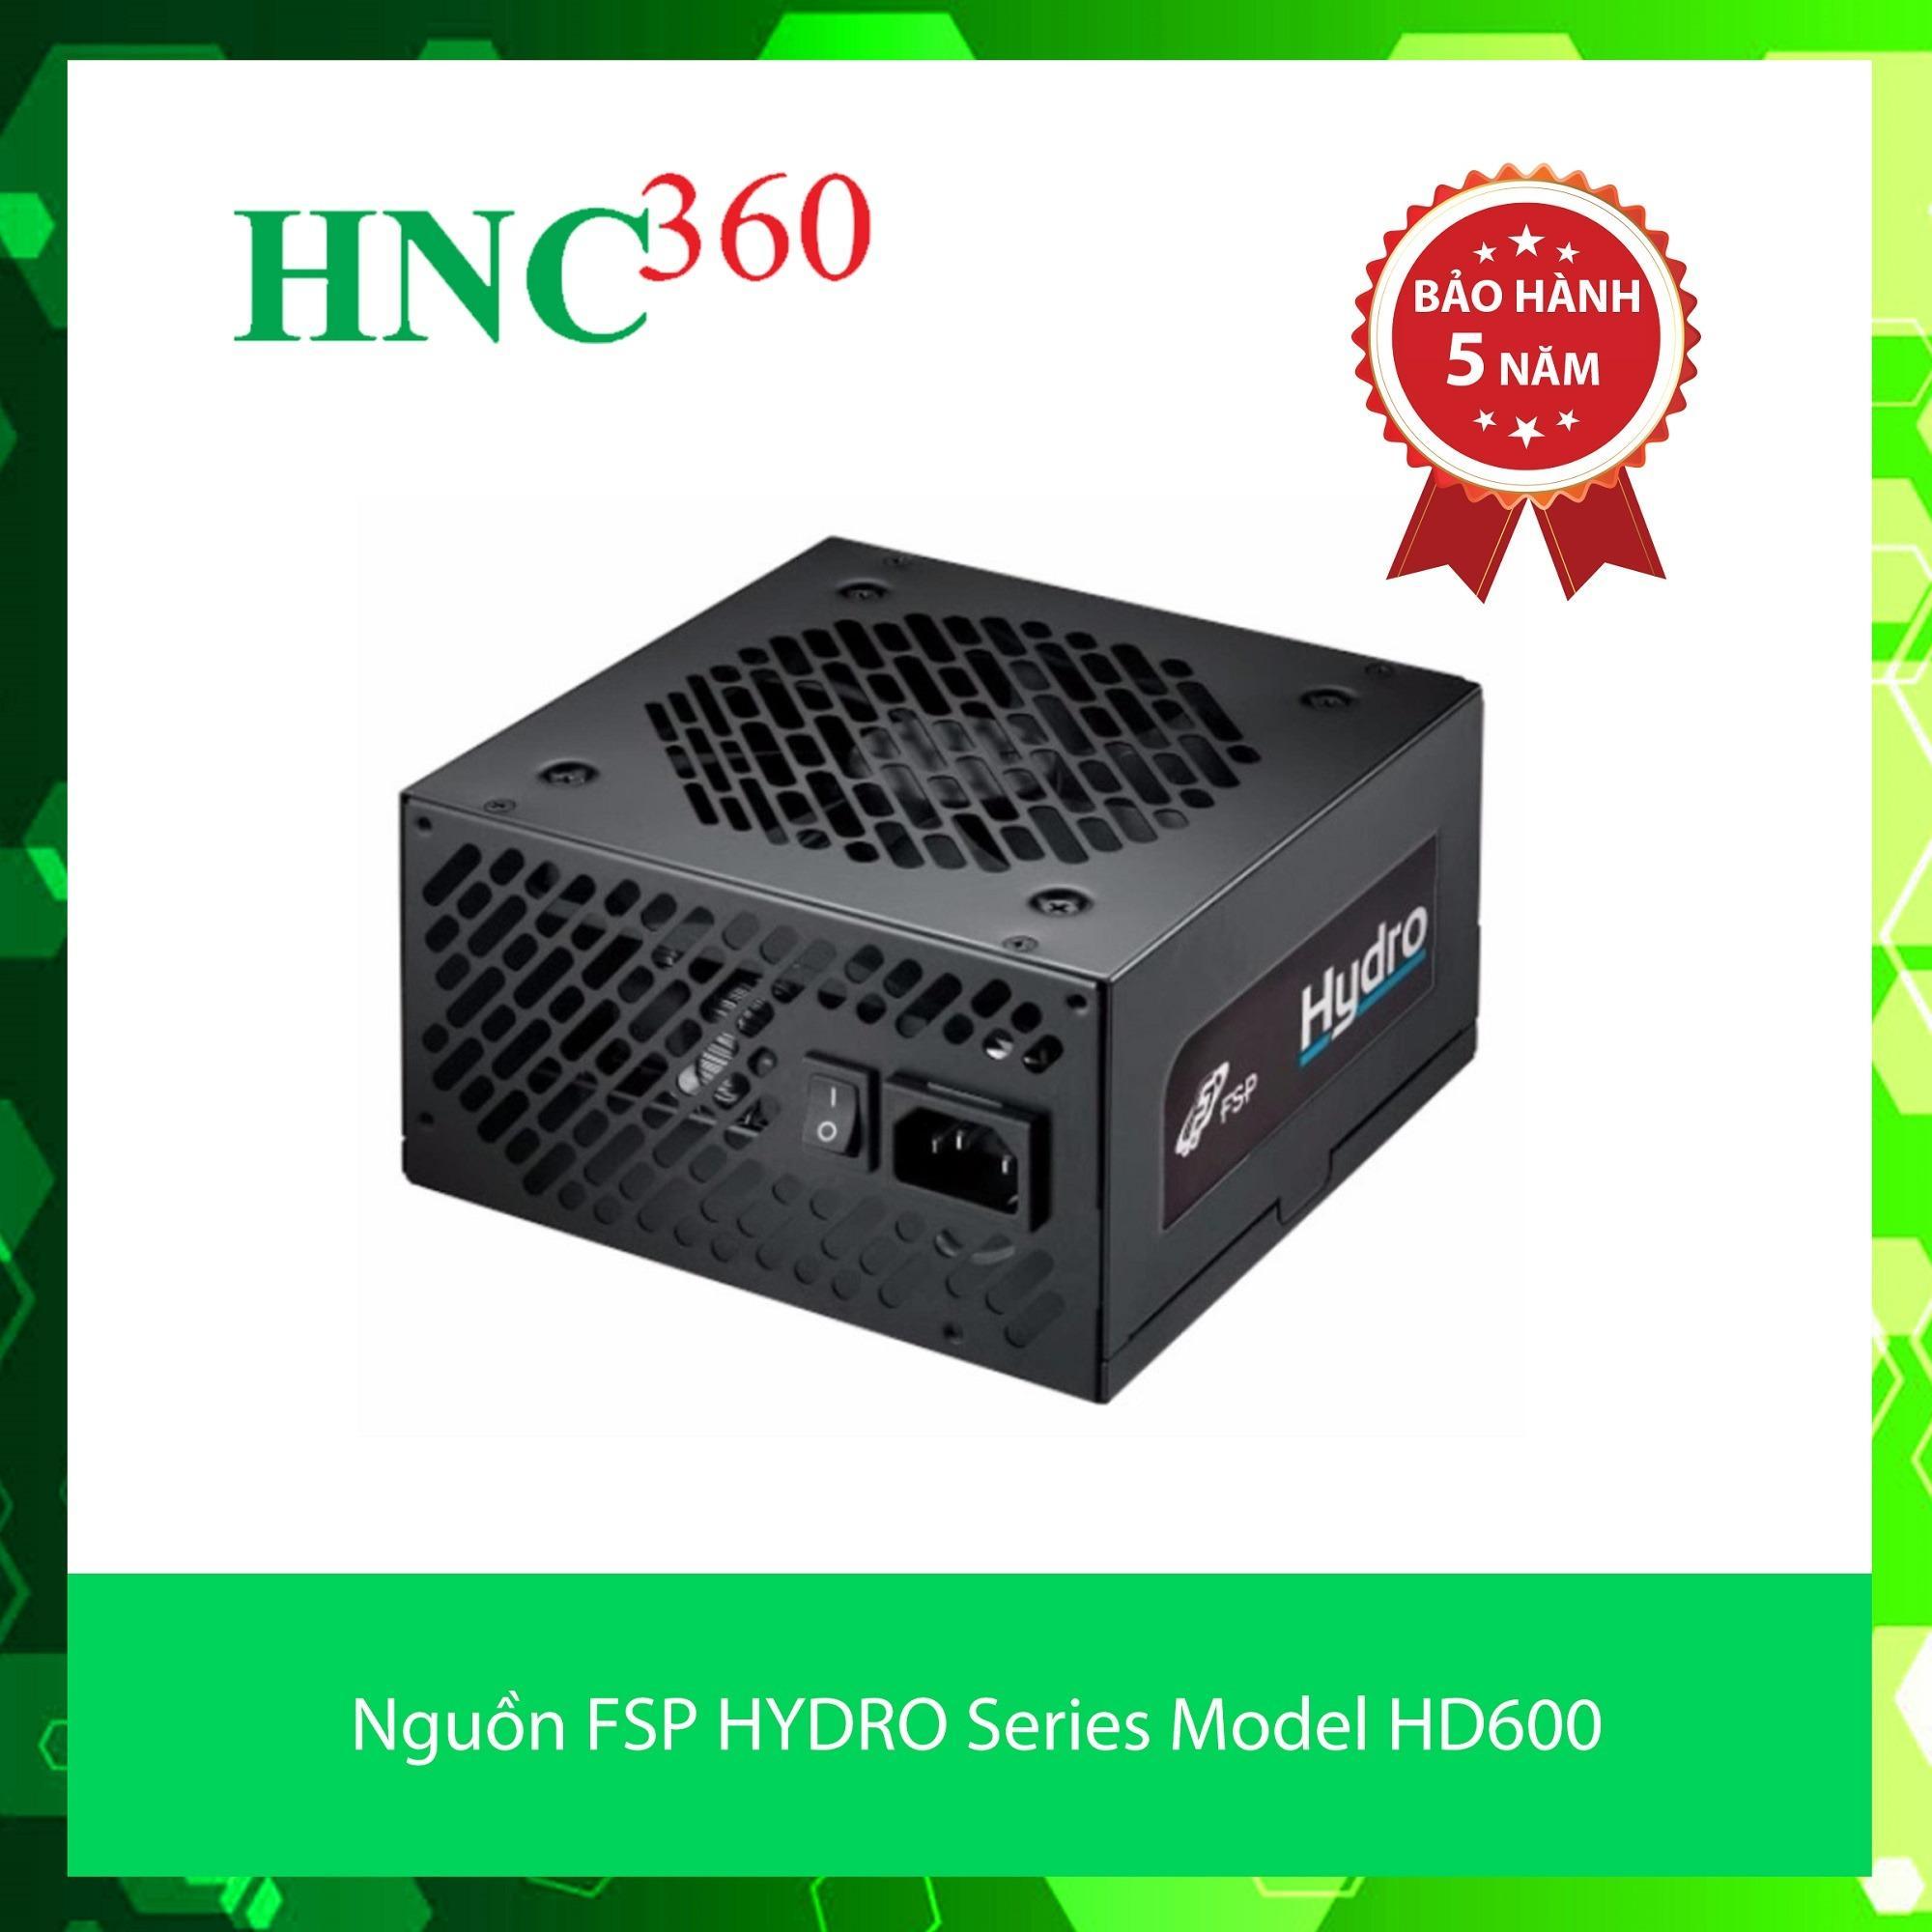 Nguồn Fsp Hydro Series Model Hd600 Active Pfc 80 Plus Bronze Fsp Rẻ Trong Hà Nội